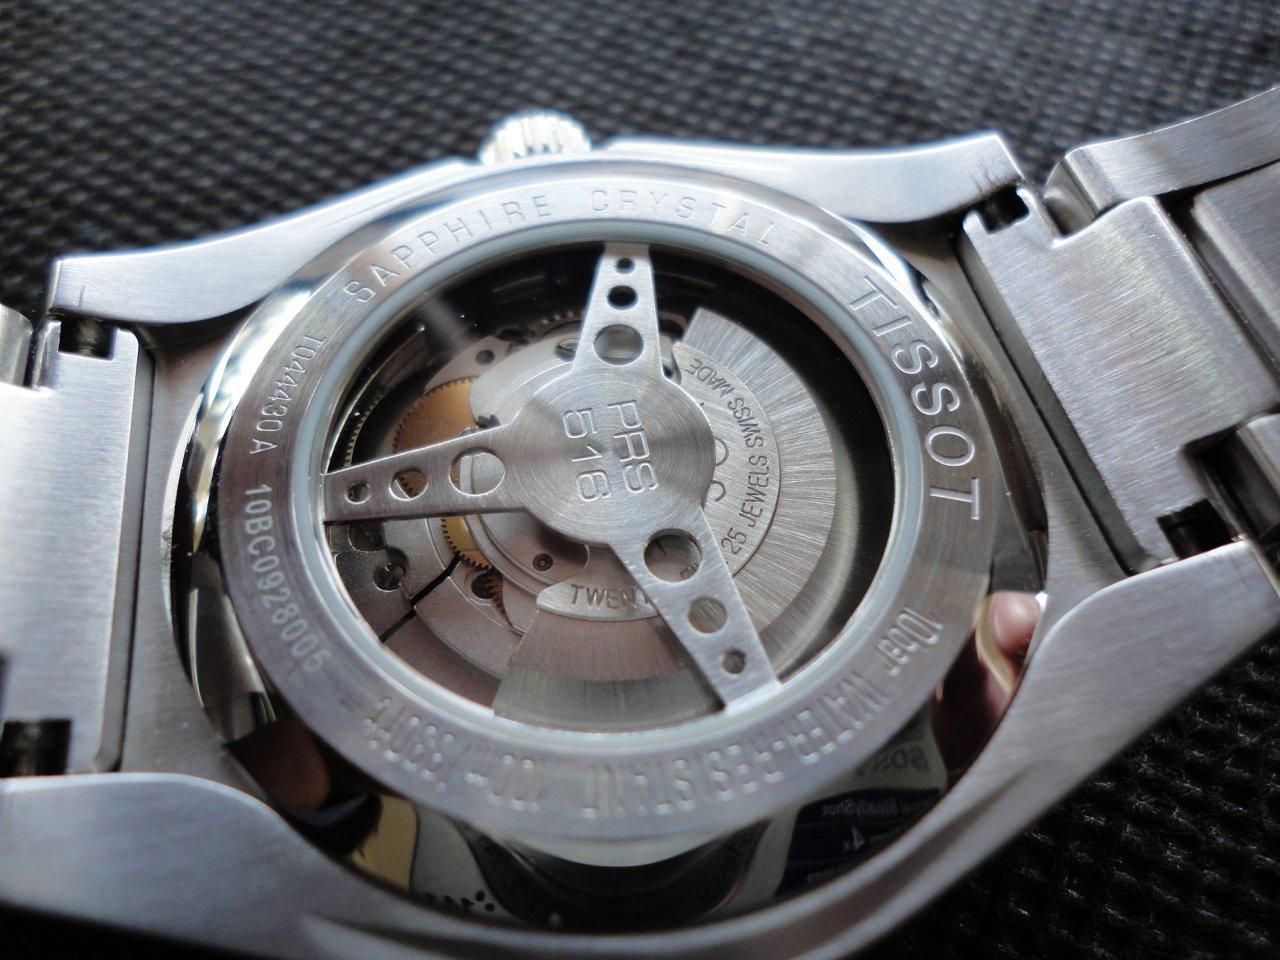 Купить женские наручные часы STUHRLING от 4580 рублей.